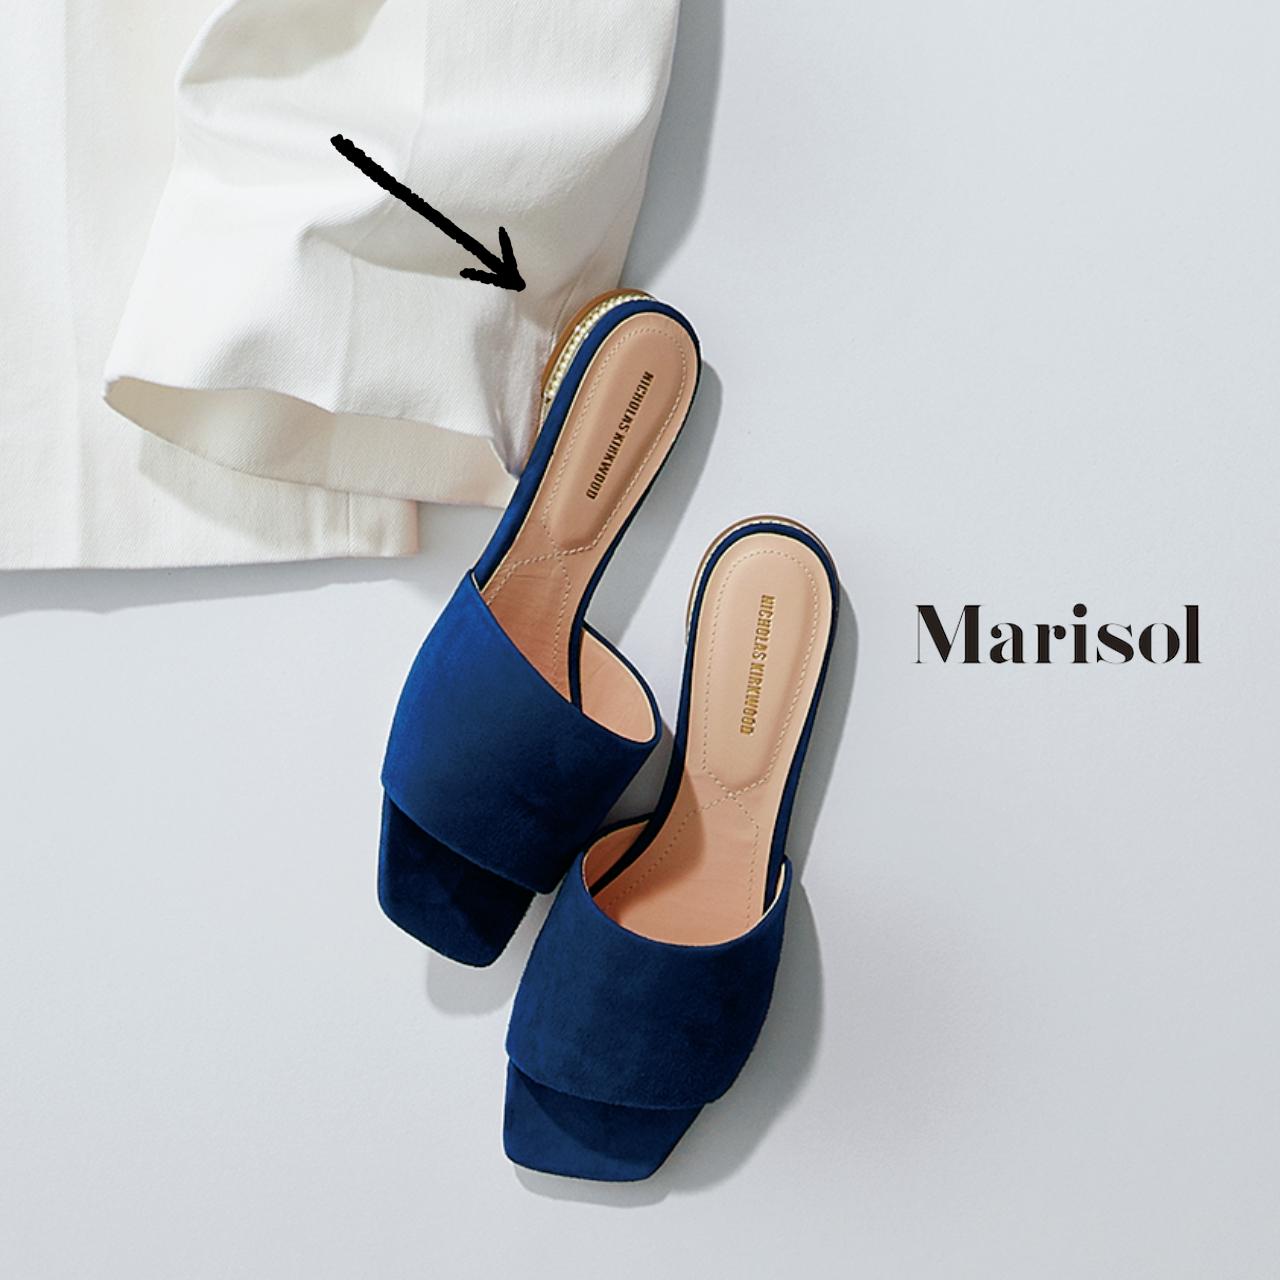 40代ファッション ロイヤルブルー パールサンダル